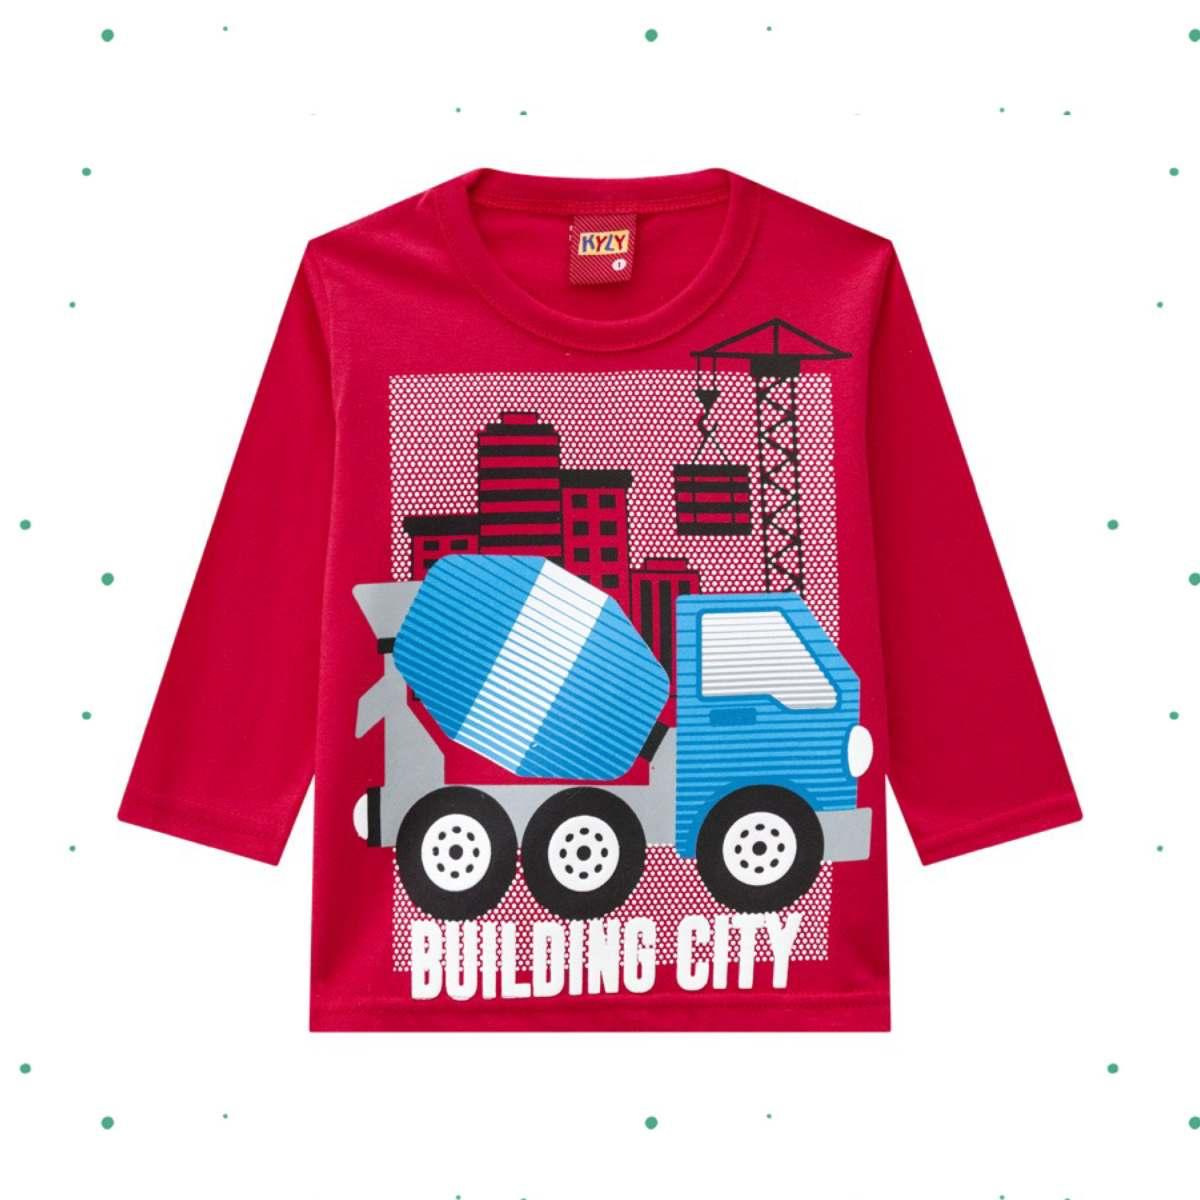 Camiseta Menino Kyly em Algodão Estampada cor Vermelha